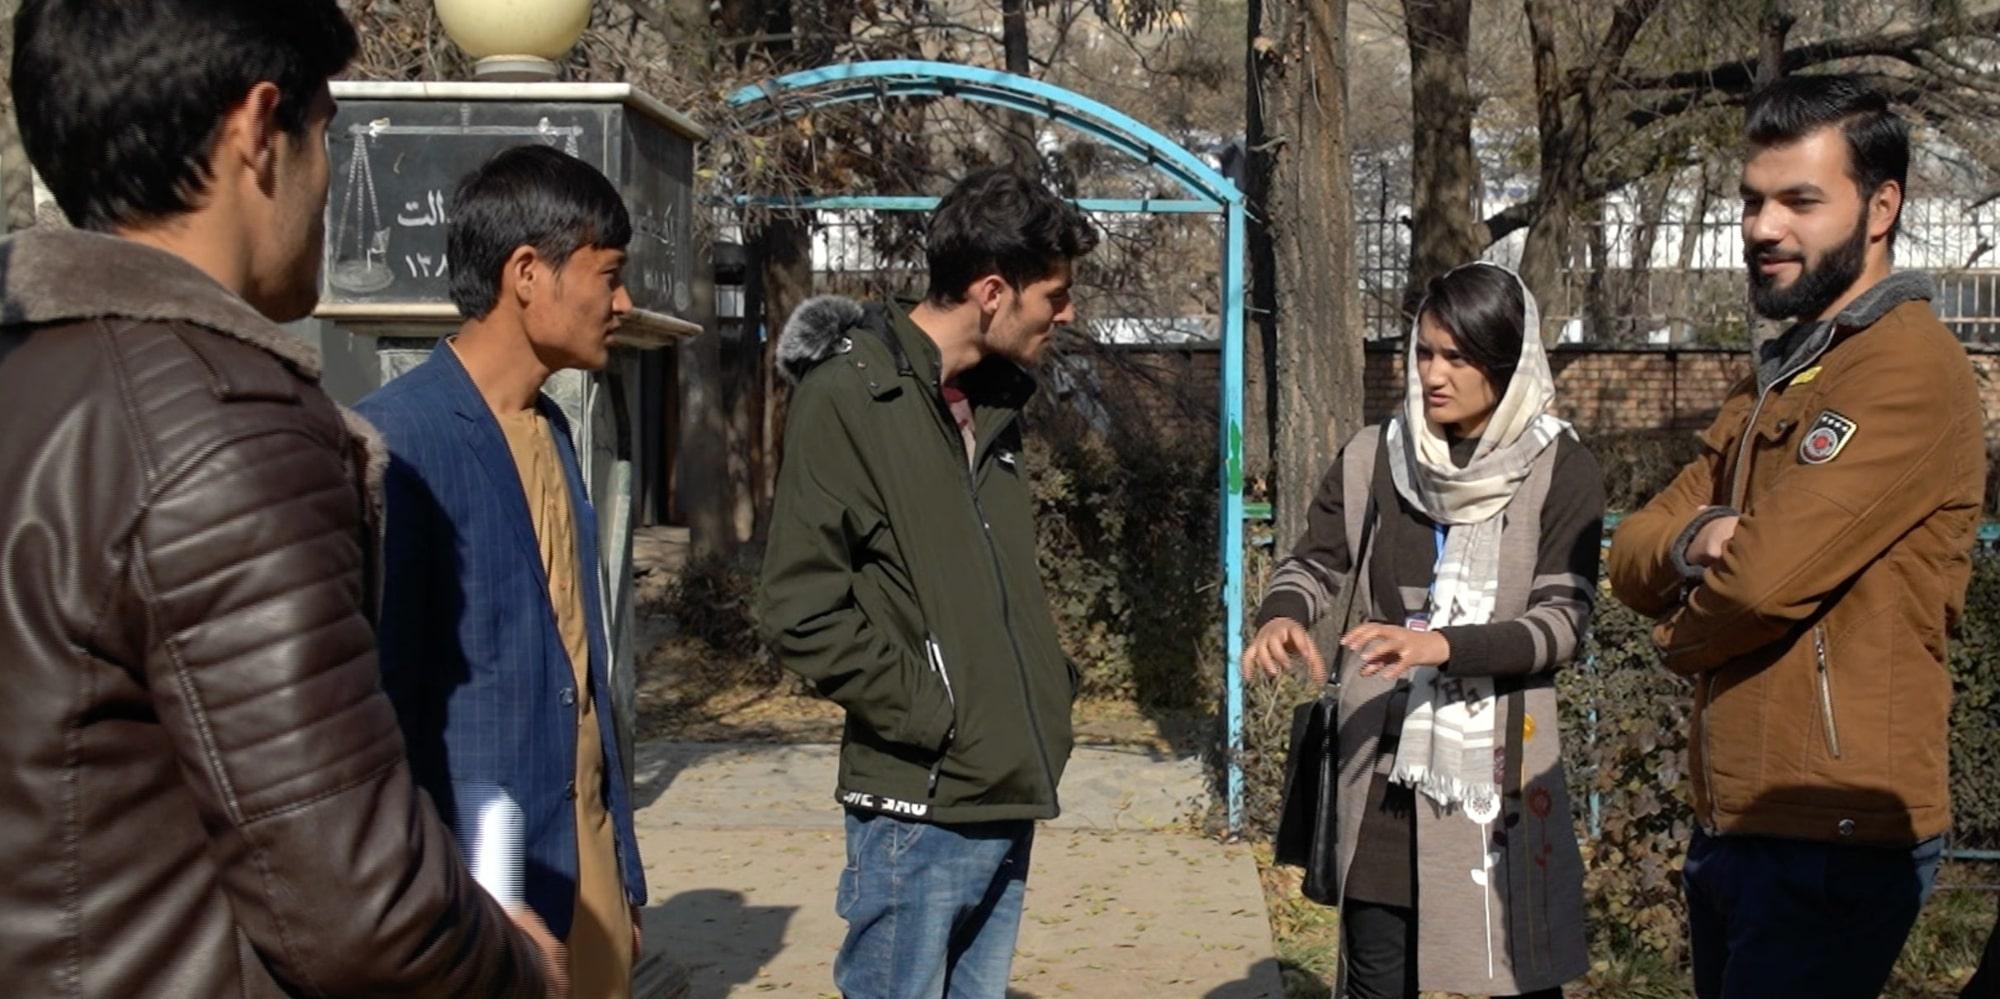 Afghanistan : à Kaboul, étudier malgré la peur des attentats